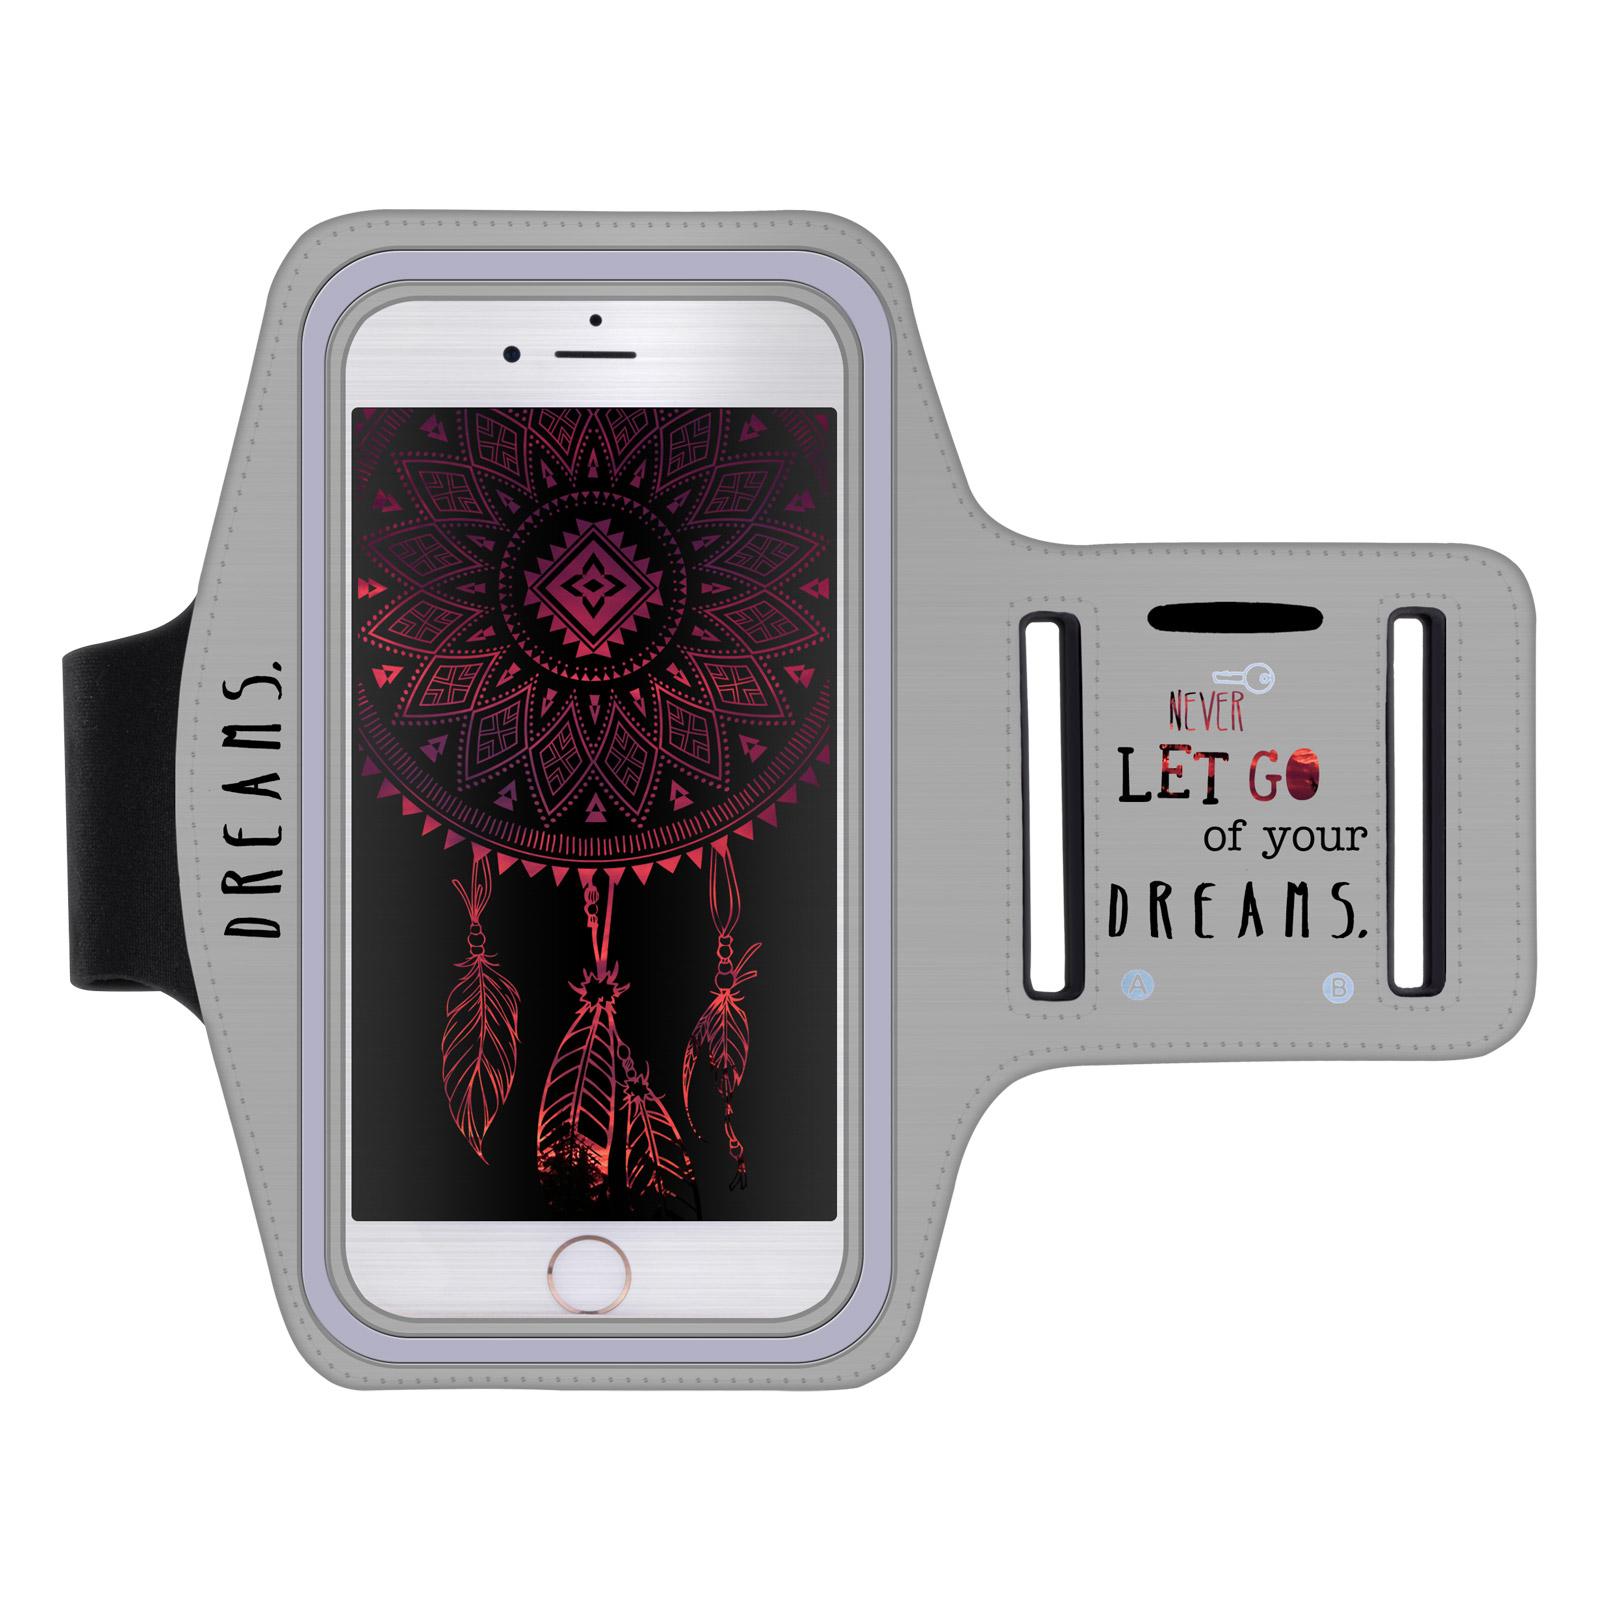 """Sportovní pouzdro NEVER DREAMS pro mobily do 5,1"""" iPhone 6 / S7 šedé (Pouzdro na běhání pro mobilní telefony do 5,1 palců)"""